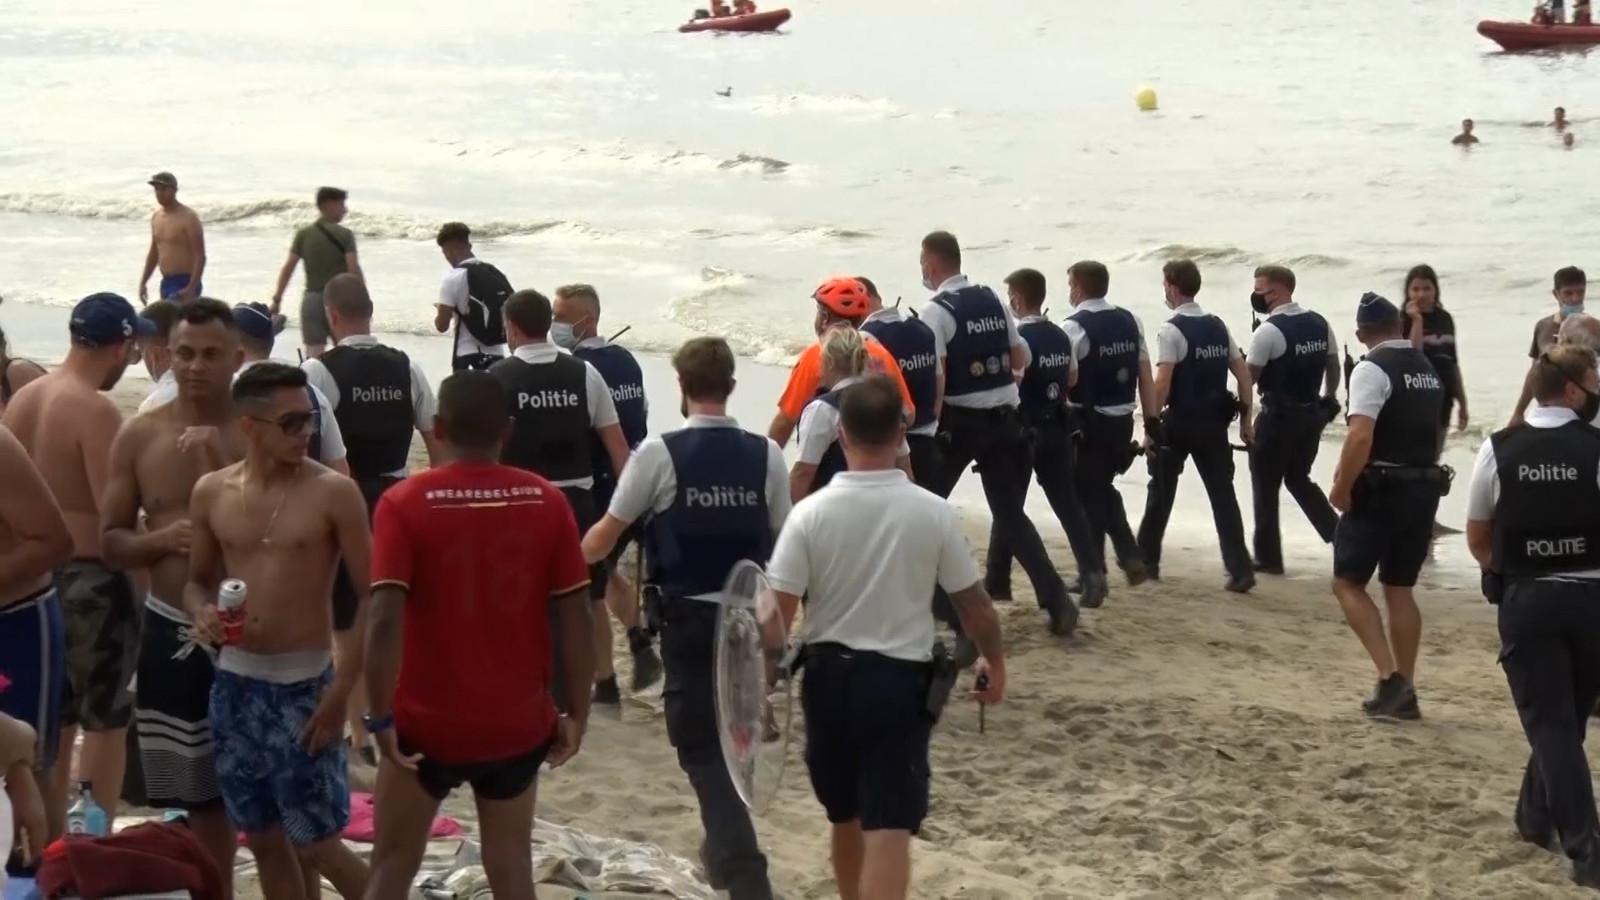 Politiemensen op het strand van Blankenberge.